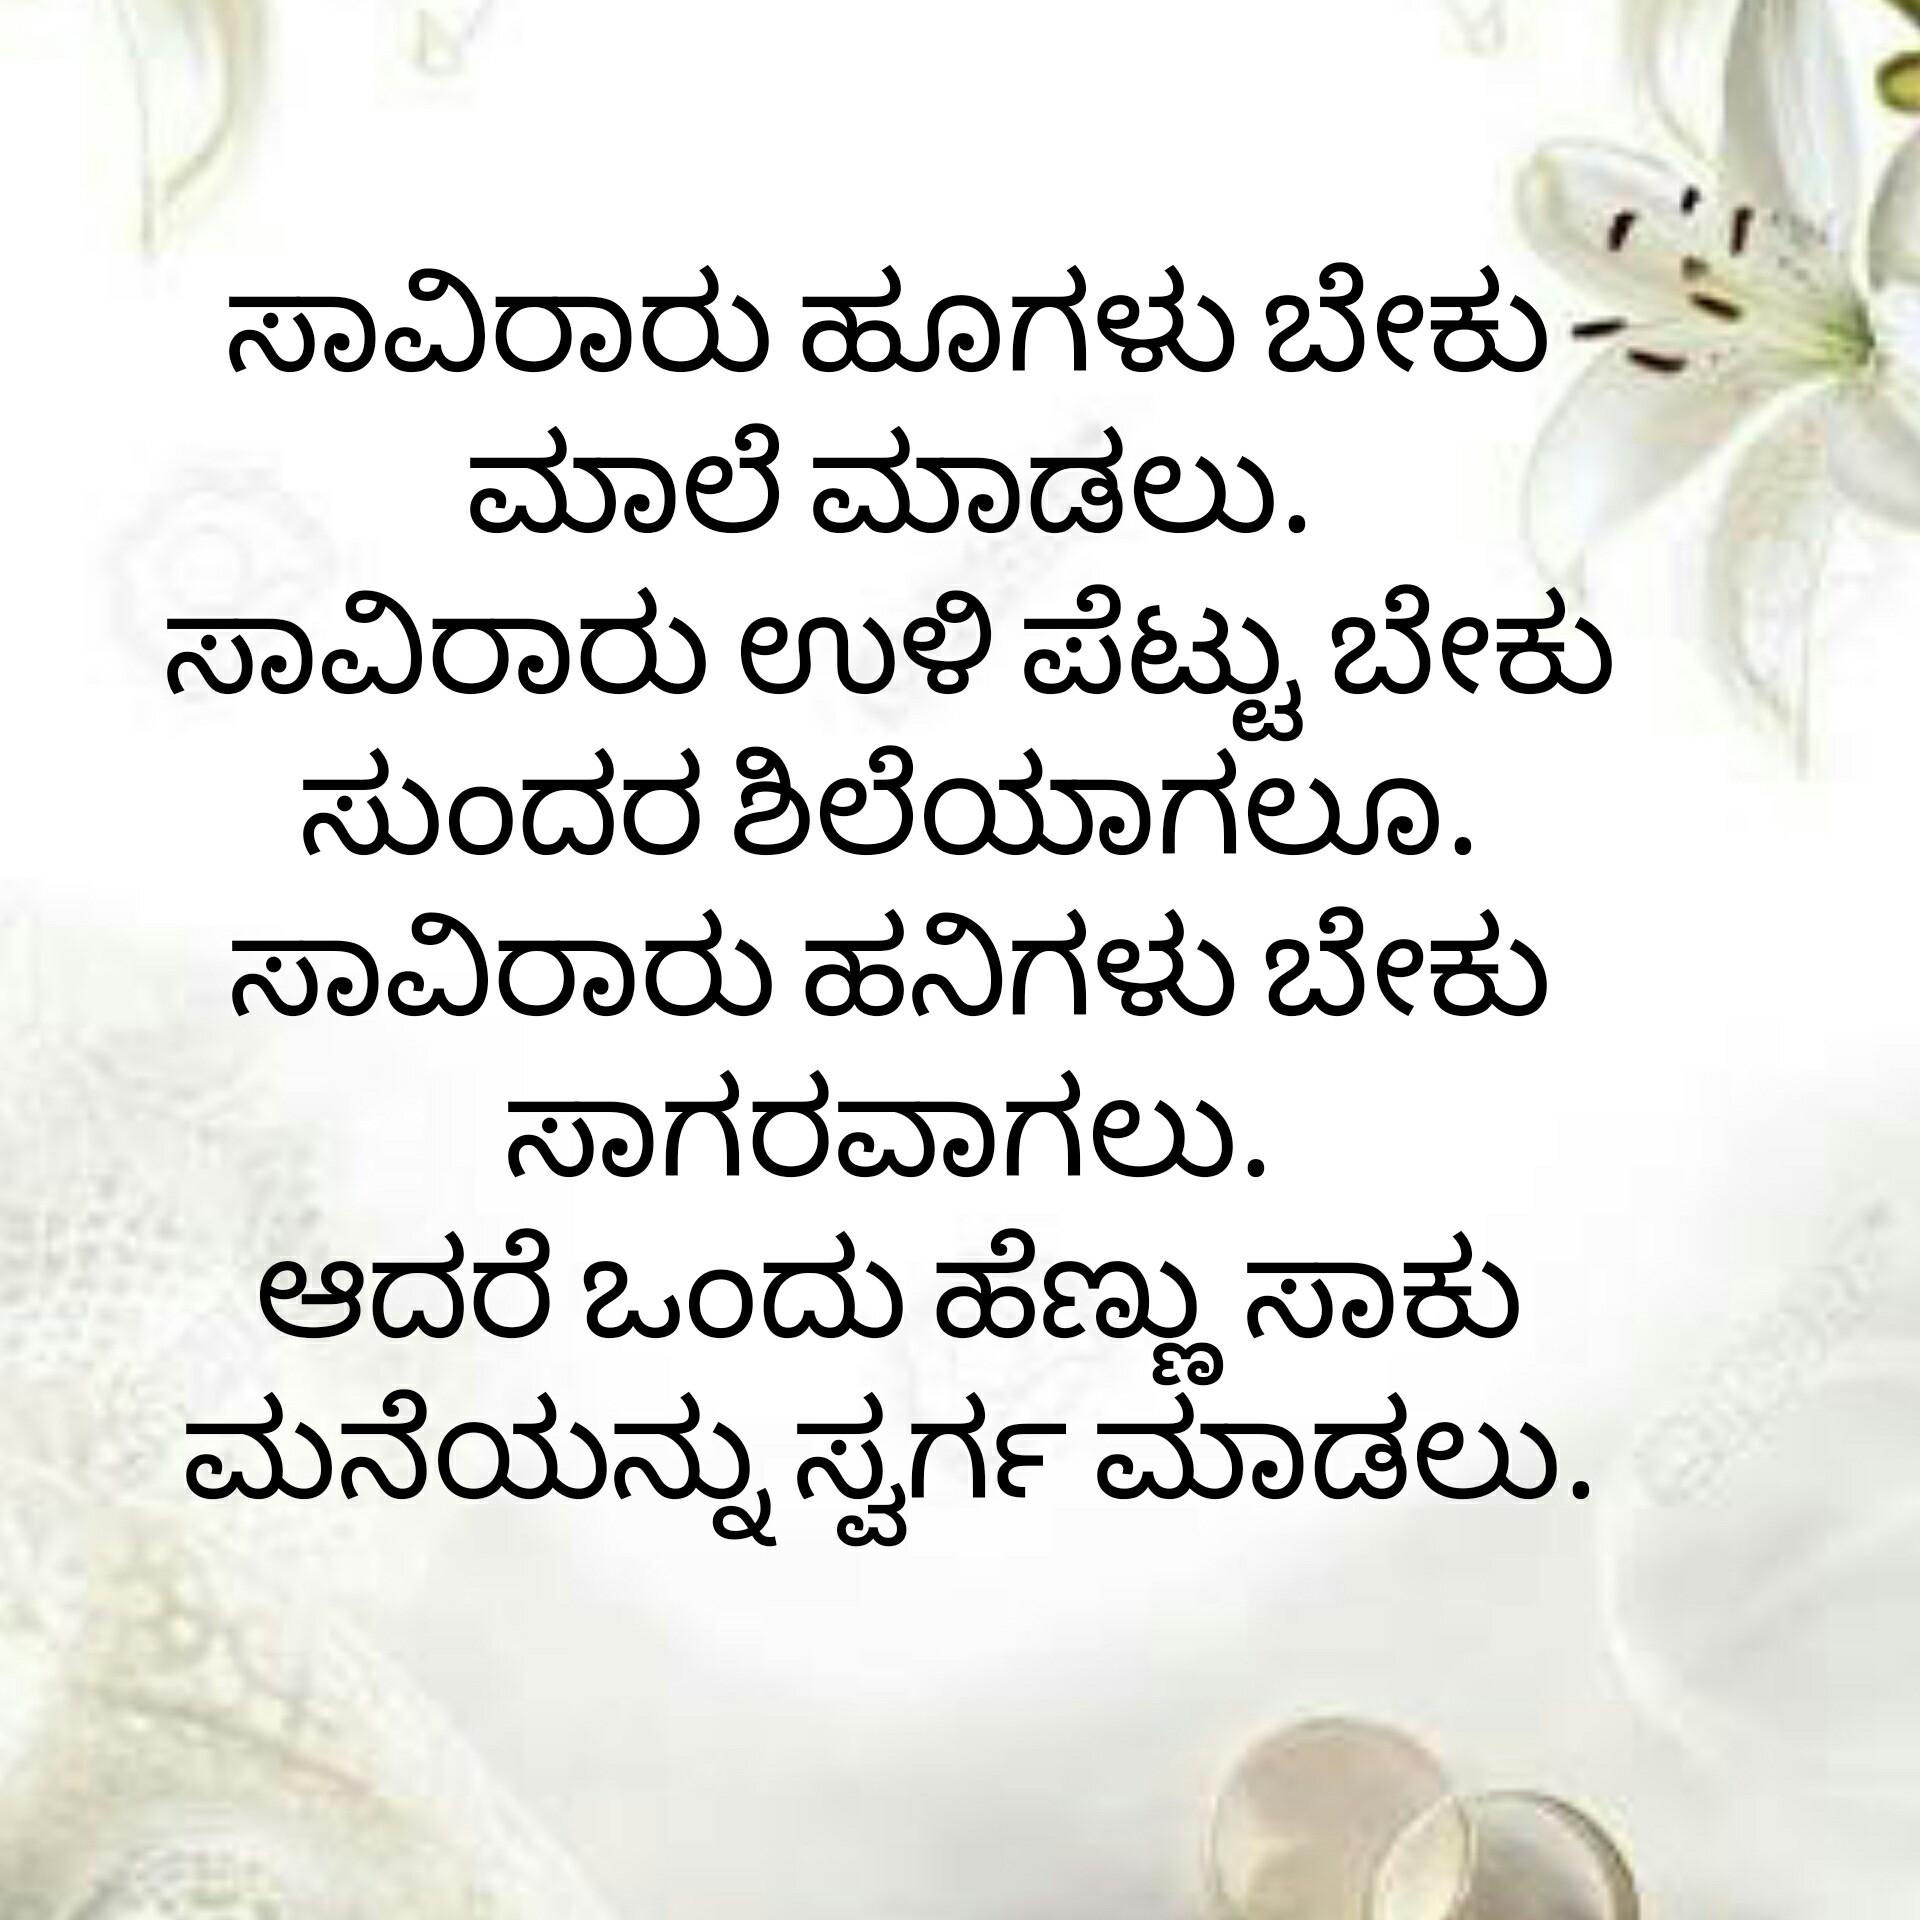 ನನ್ನ ಆಲೋಚನೆಗಳು - ShareChat